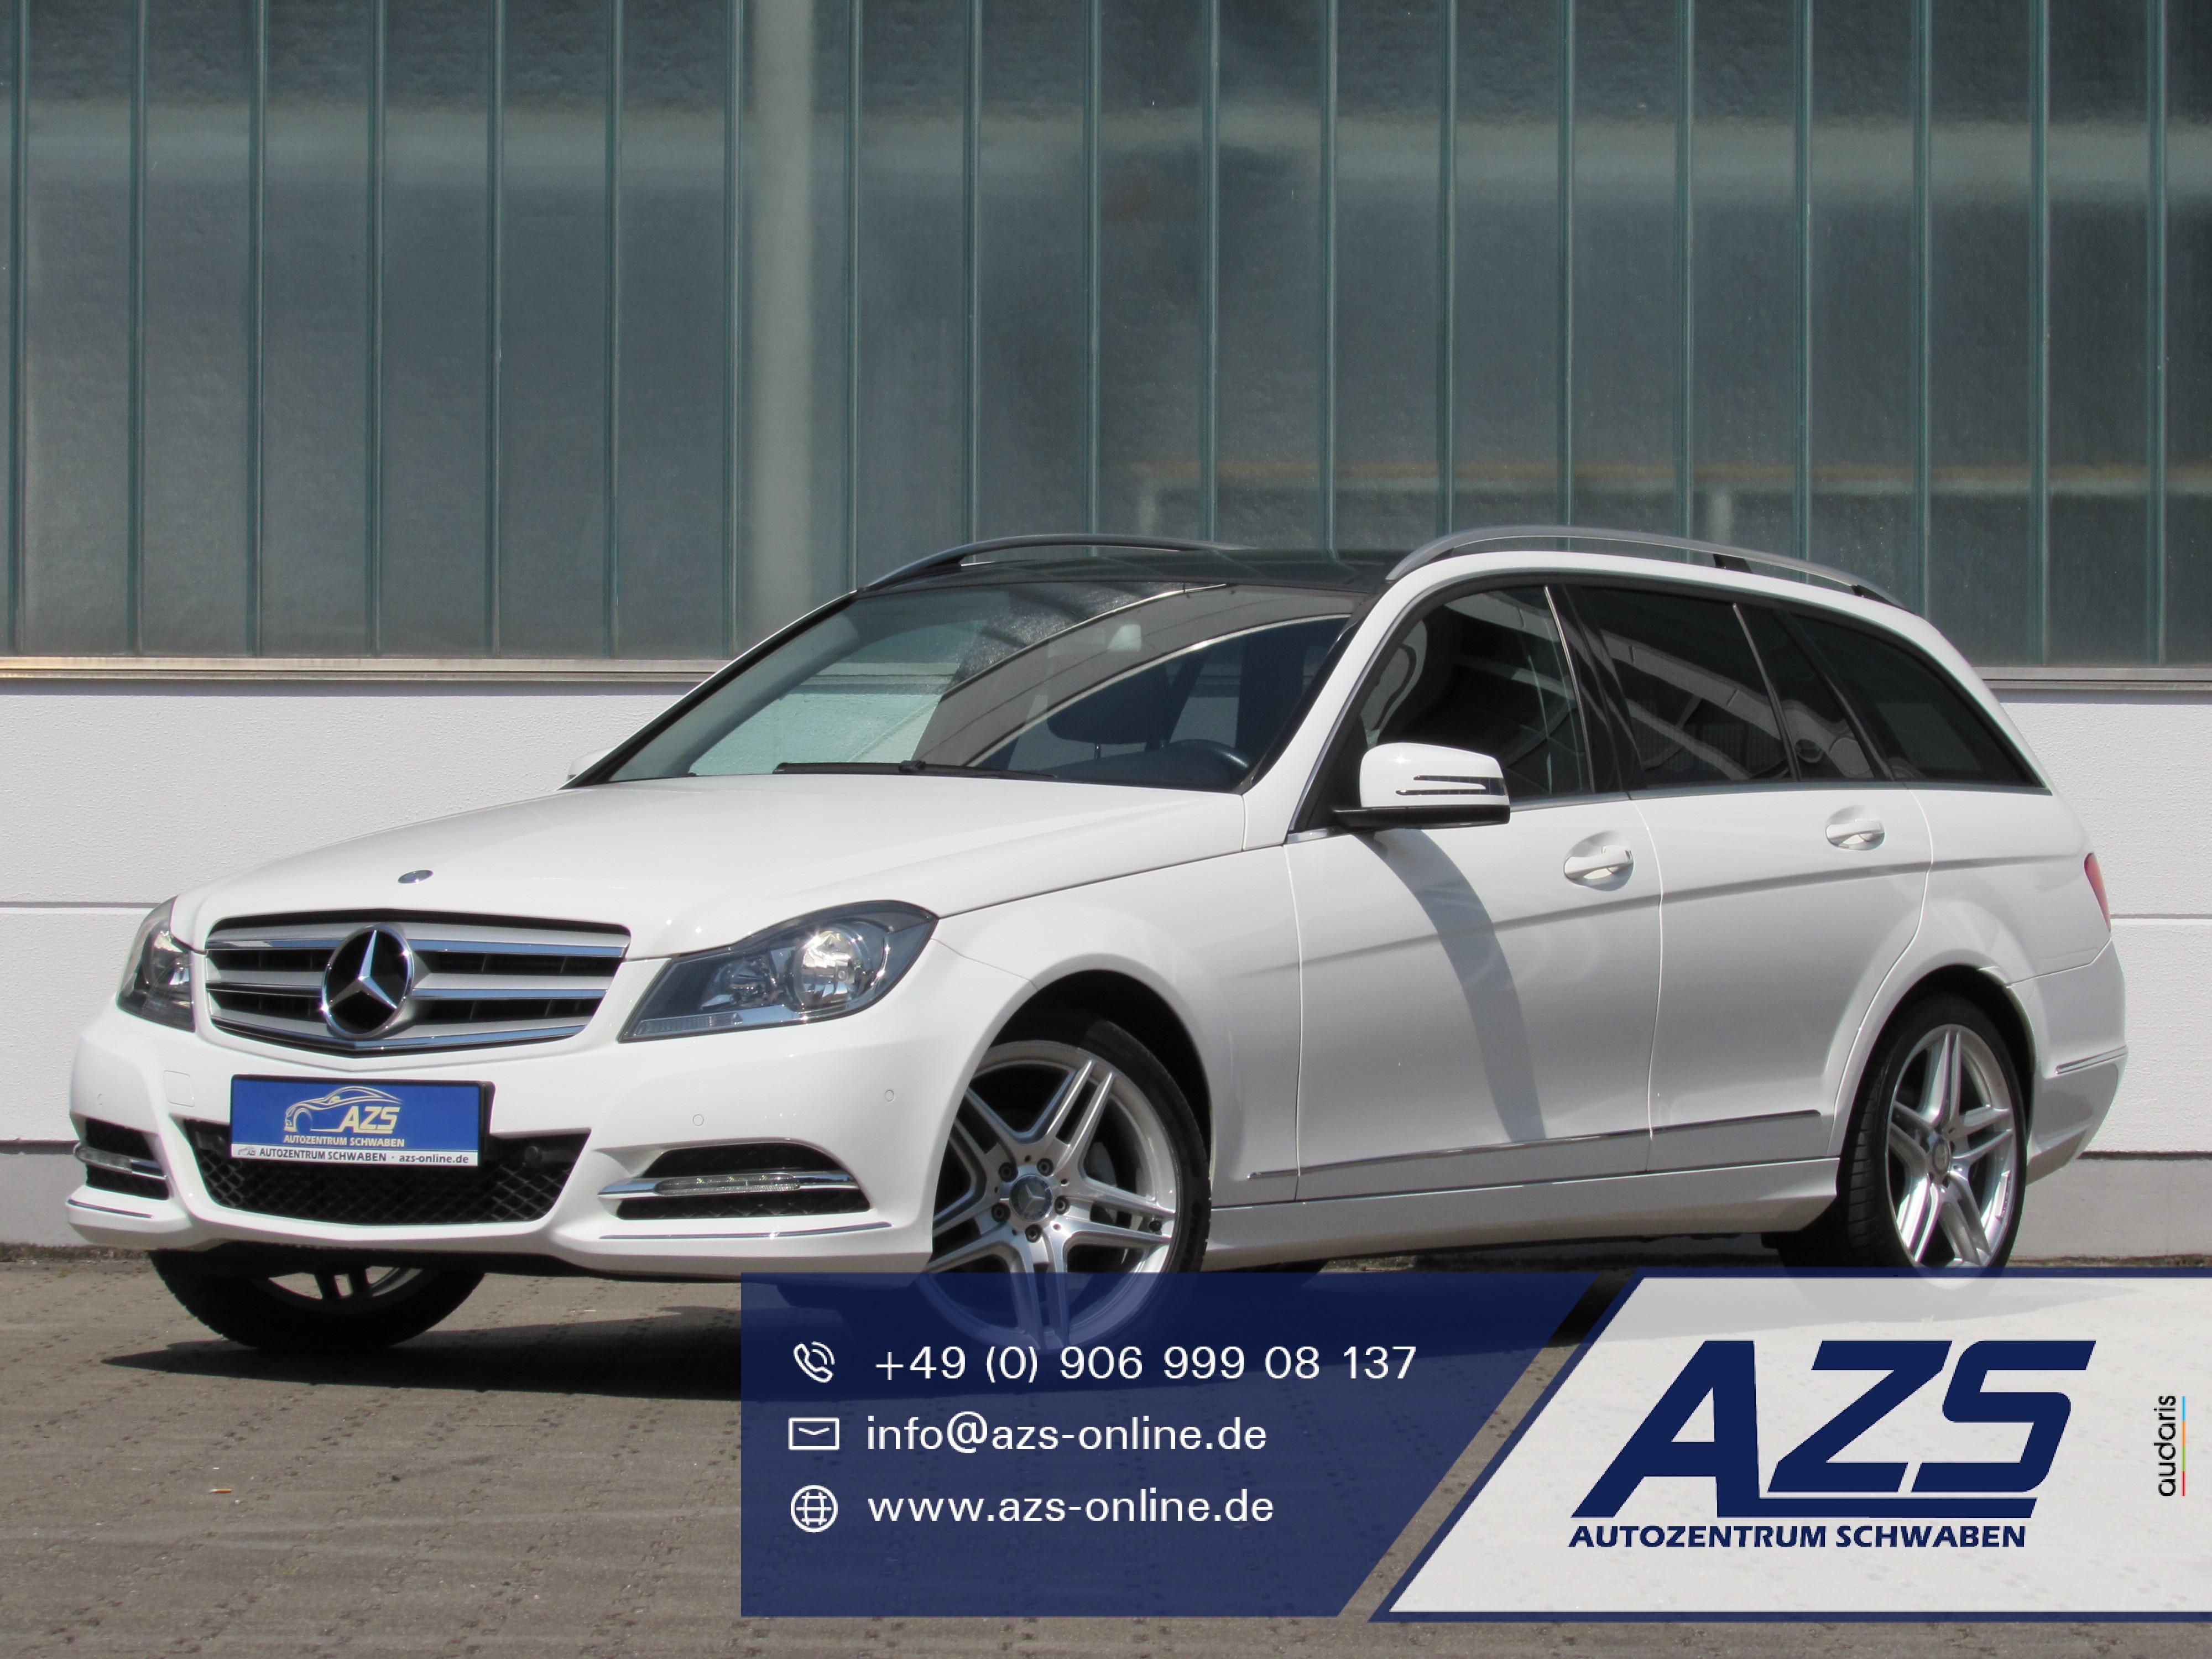 Mercedes-Benz C 200 CDI | Pano | Navi | Parkhilfe | 1,99% |, Jahr 2013, Diesel